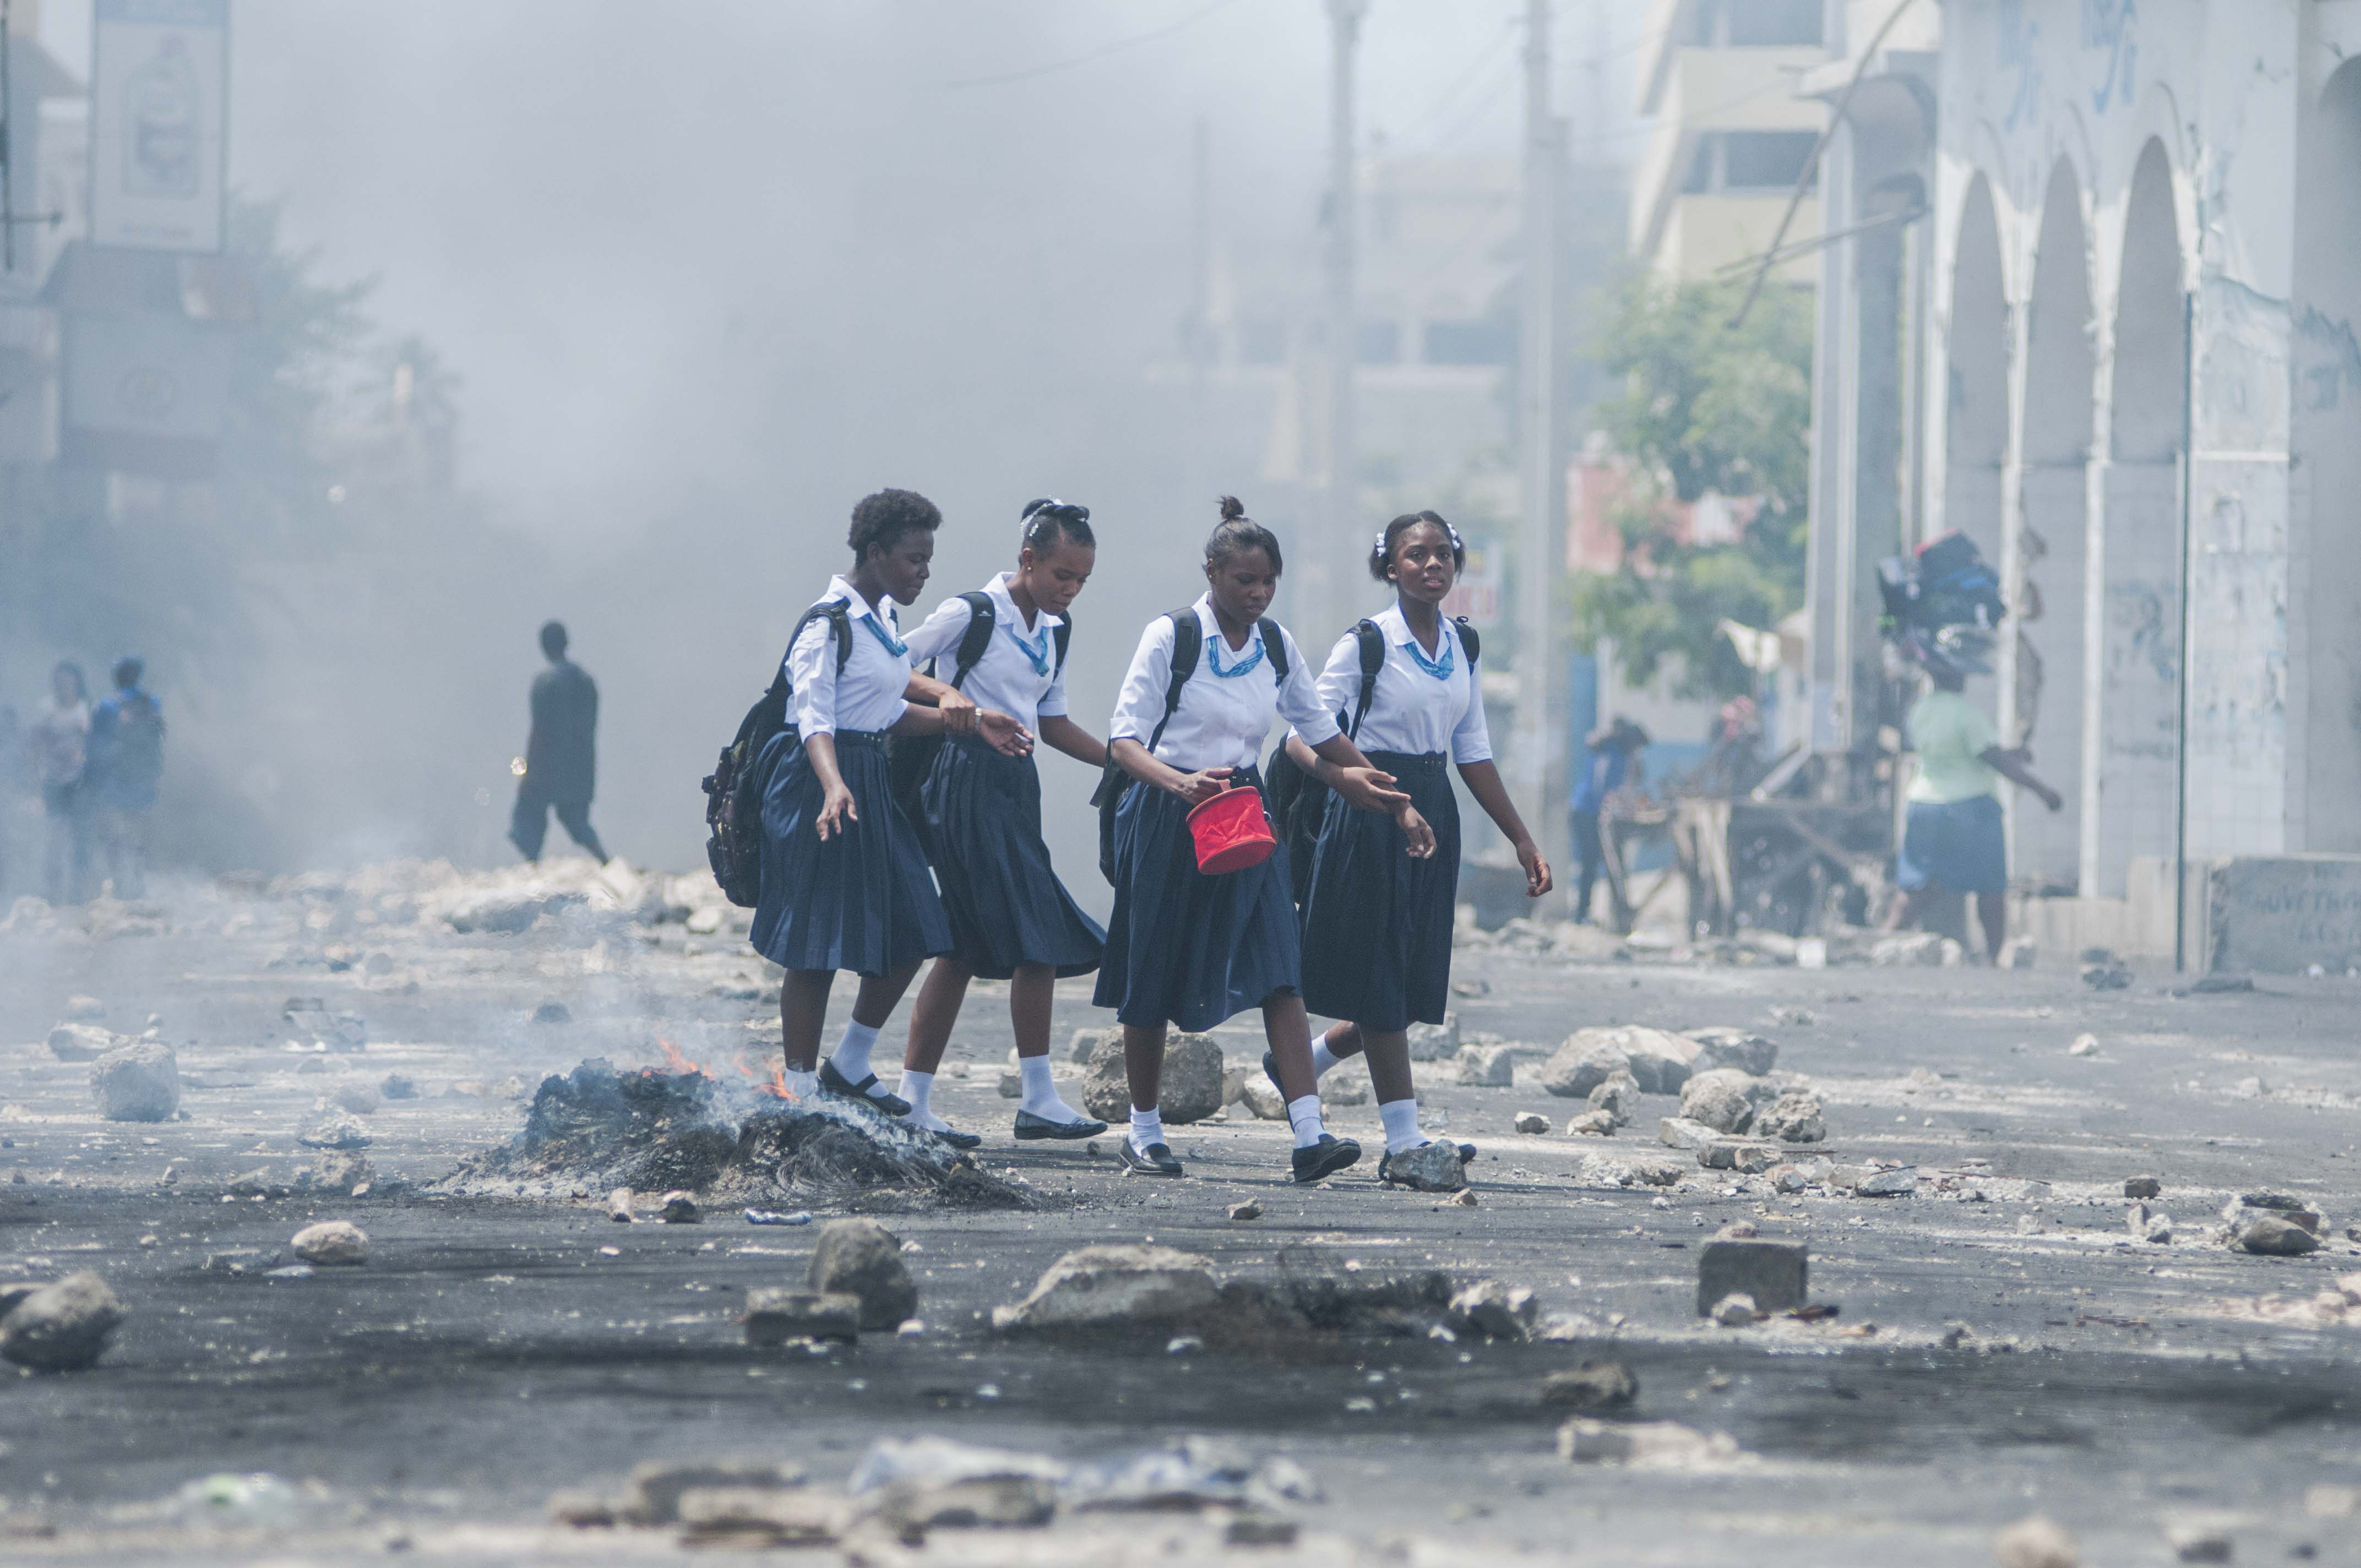 Nines en uniforme caminen pel carrer durant una manifestació a Haití contra l'aprovació per part del Parlament del Pressupost Nacional, en considerar que eleva els impostos de diversos serveis públics. /JEAN MARC HERVE ABELARD